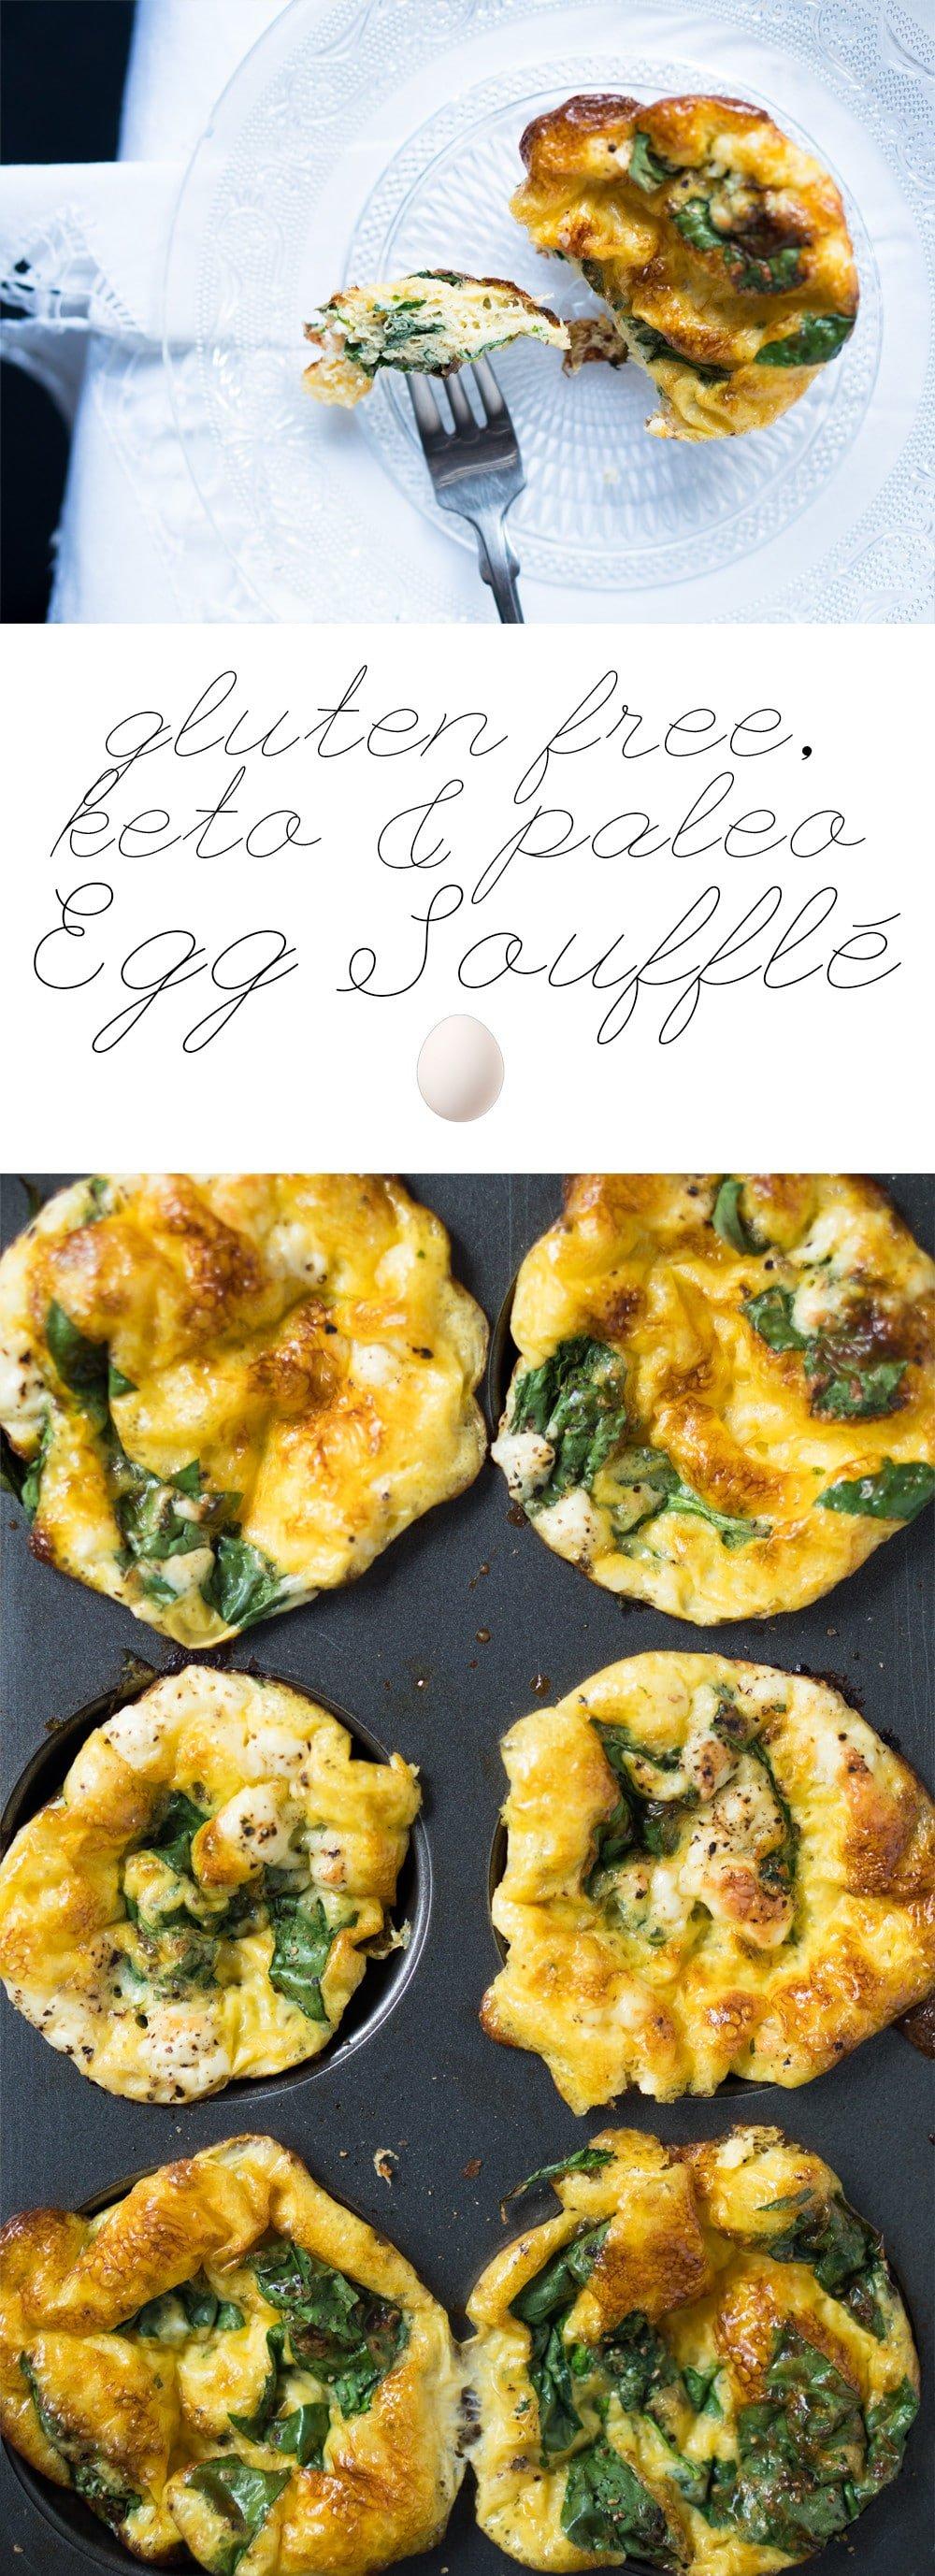 Breakfast Egg Soufflé Cups 🥚 gluten free, keto & paleo